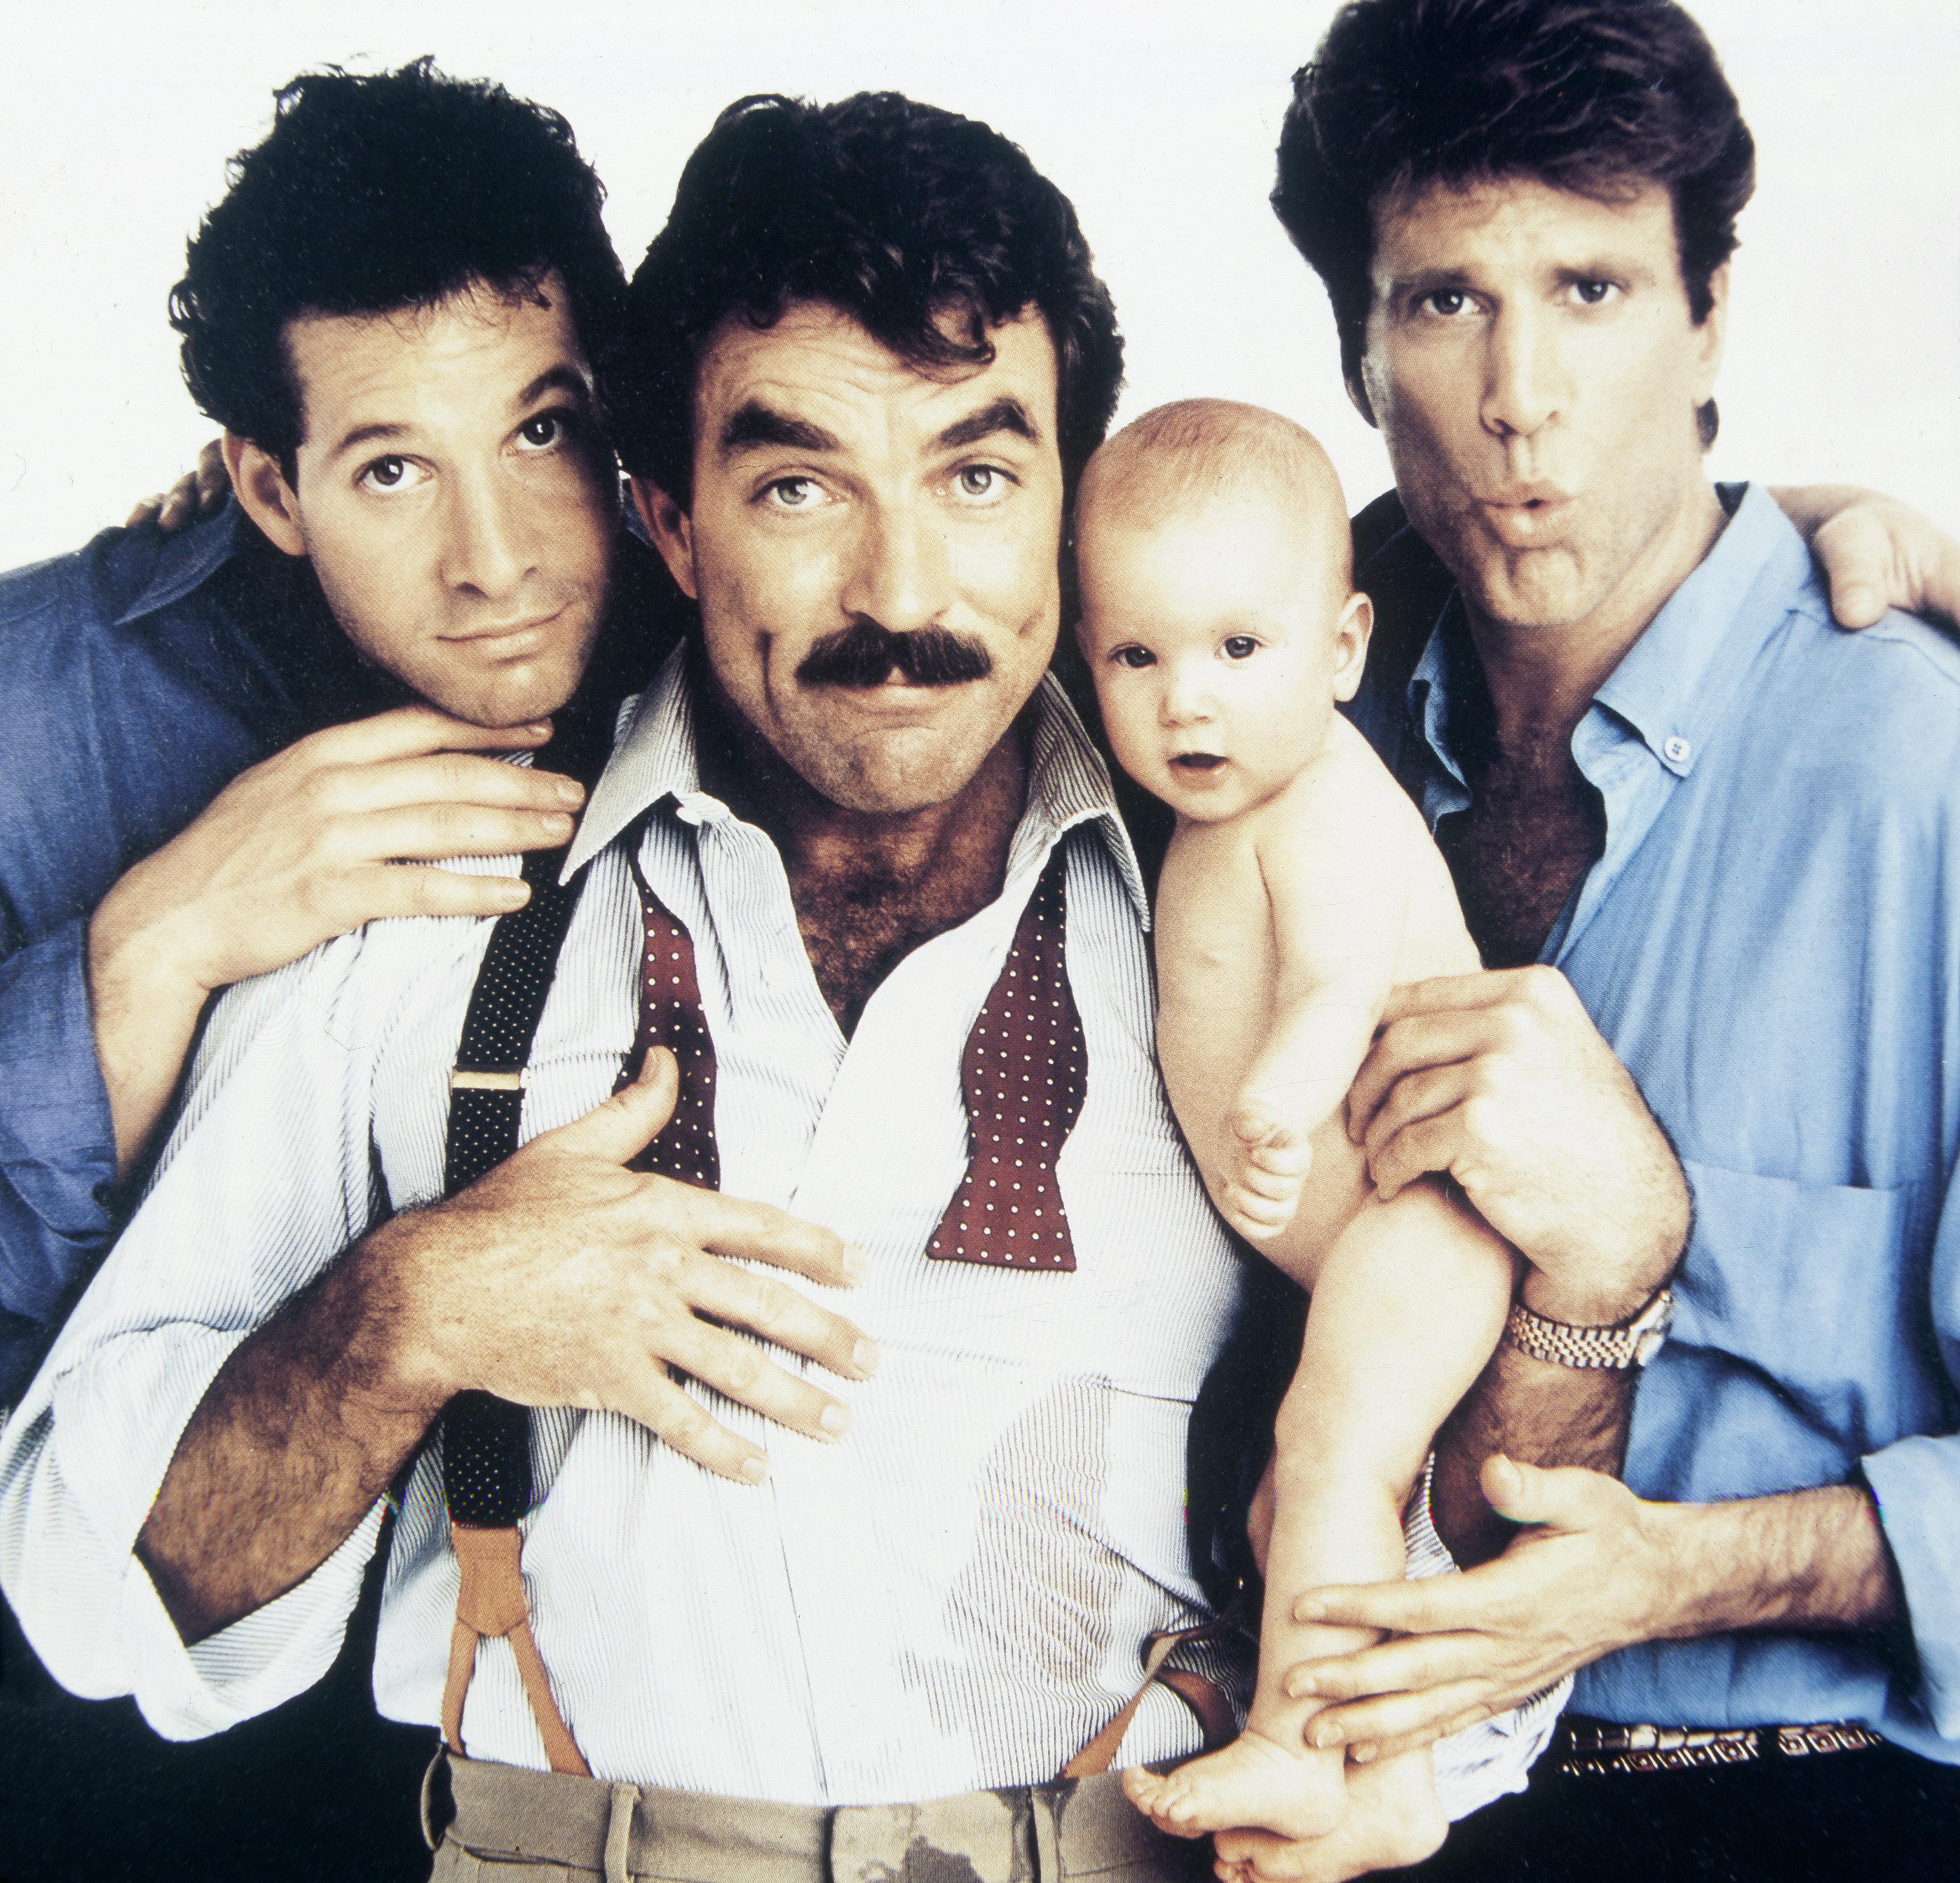 (GERMANY OUT) Selleck, Tom *29.01.1945-, Schauspieler, USA , - mit Steve Guttenberg (l.) und Ted Danson (r.) in dem Film 'Noch drei Maenner, noch ein, Baby', USA, - 1987   (Photo by Röhnert/ullstein bild via Getty Images)